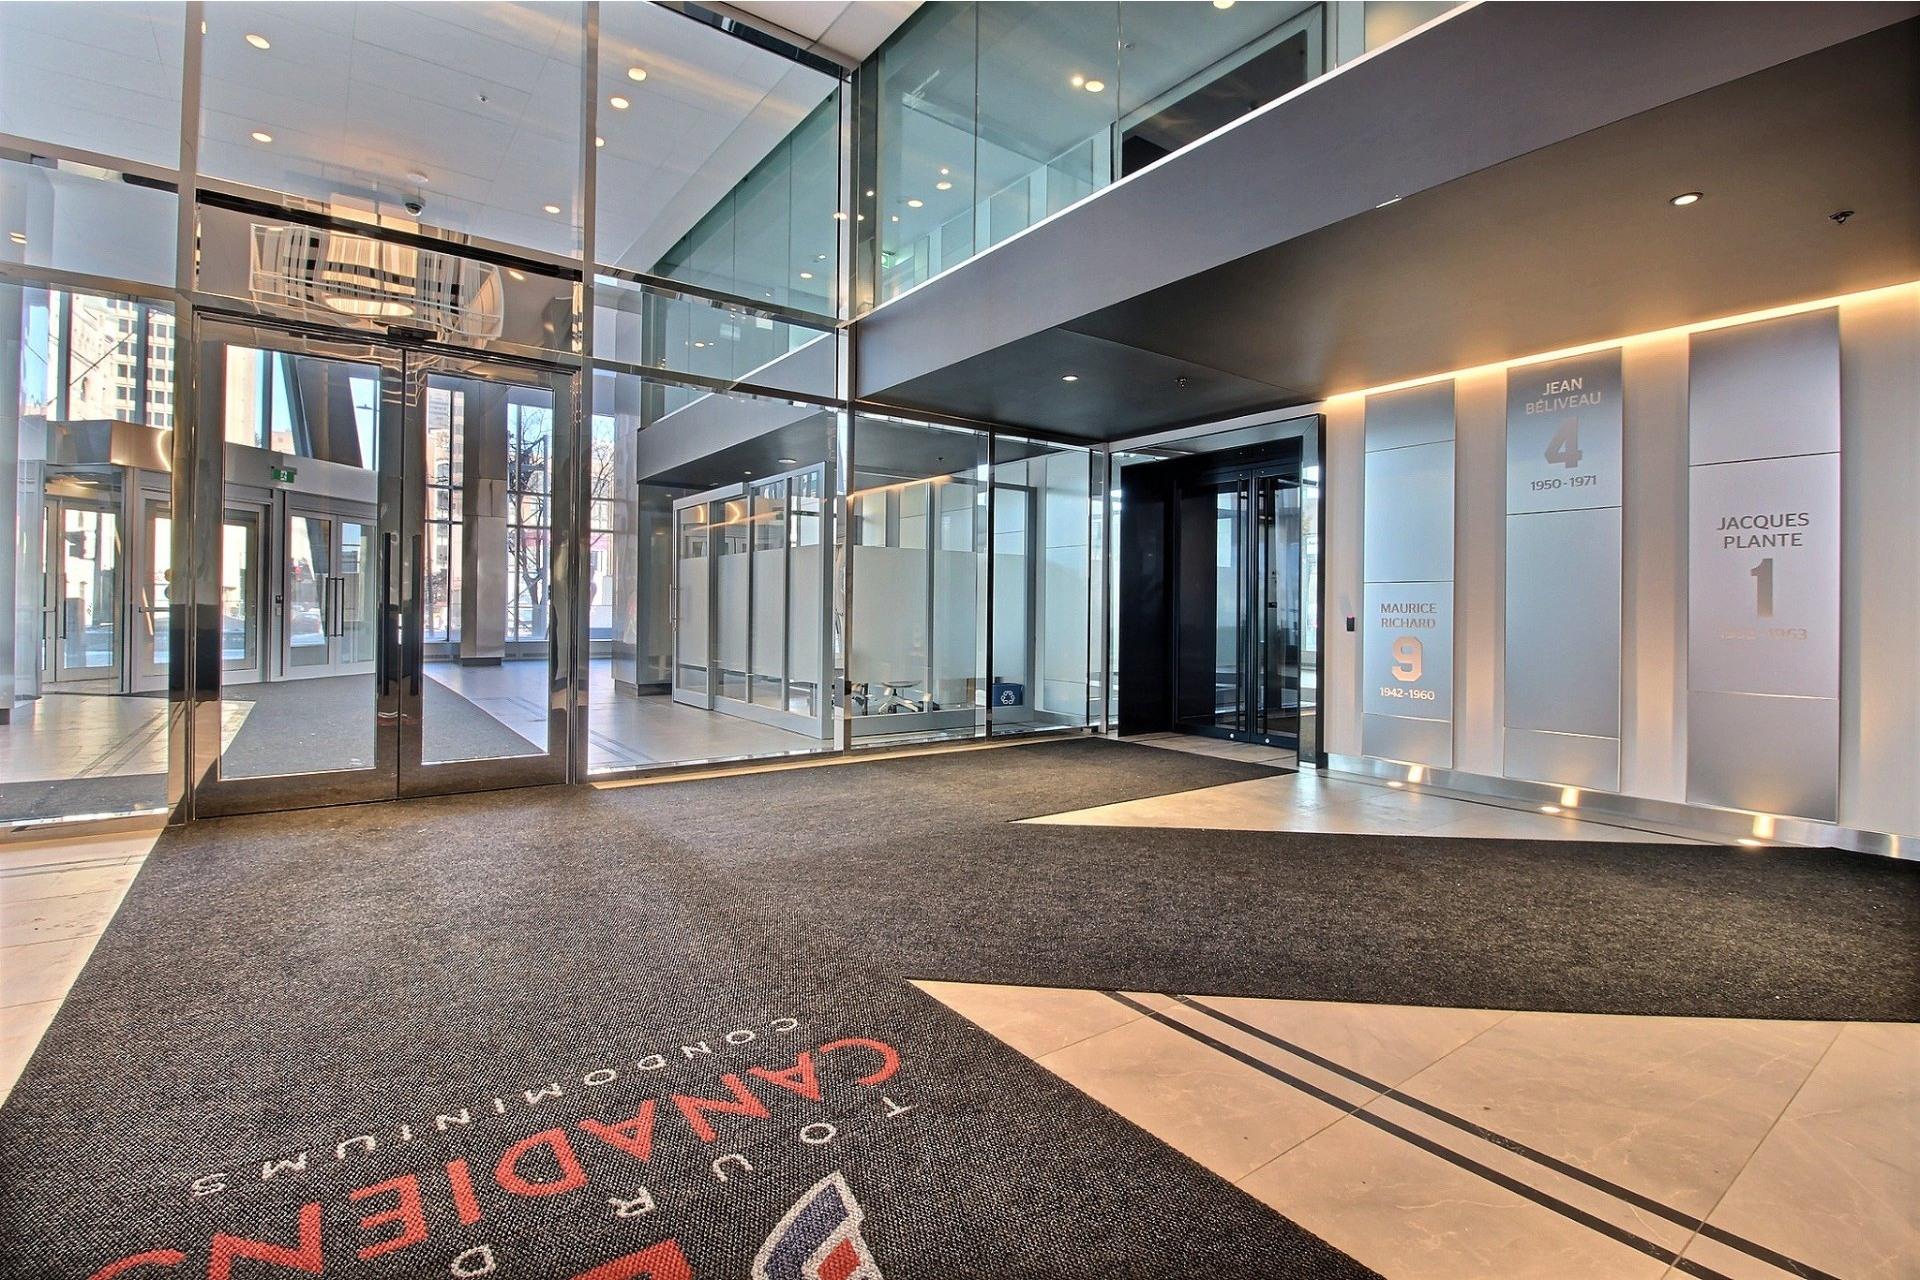 image 19 - Appartement À louer Ville-Marie Montréal  - 6 pièces